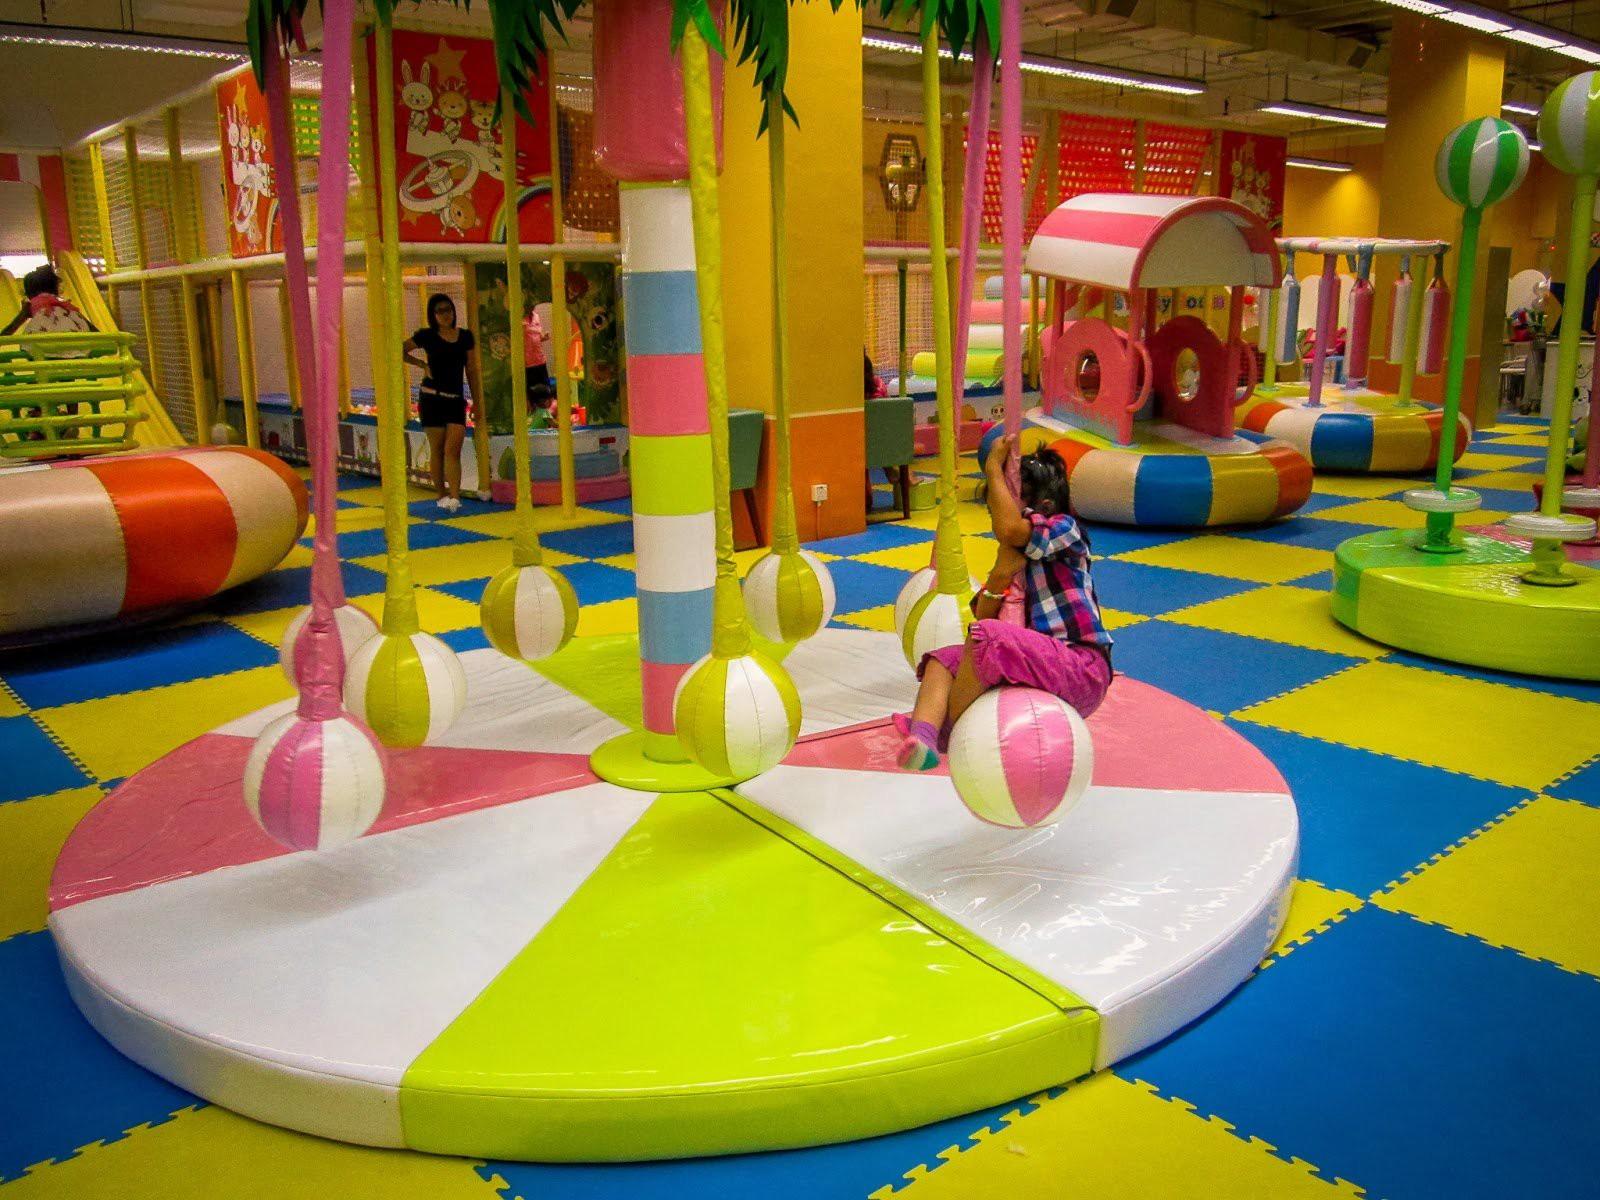 Chuyên tư vấn thiết kế. lắp đặt mới Khu tổ hợp vui chơi trong nhà dành cho trẻ em